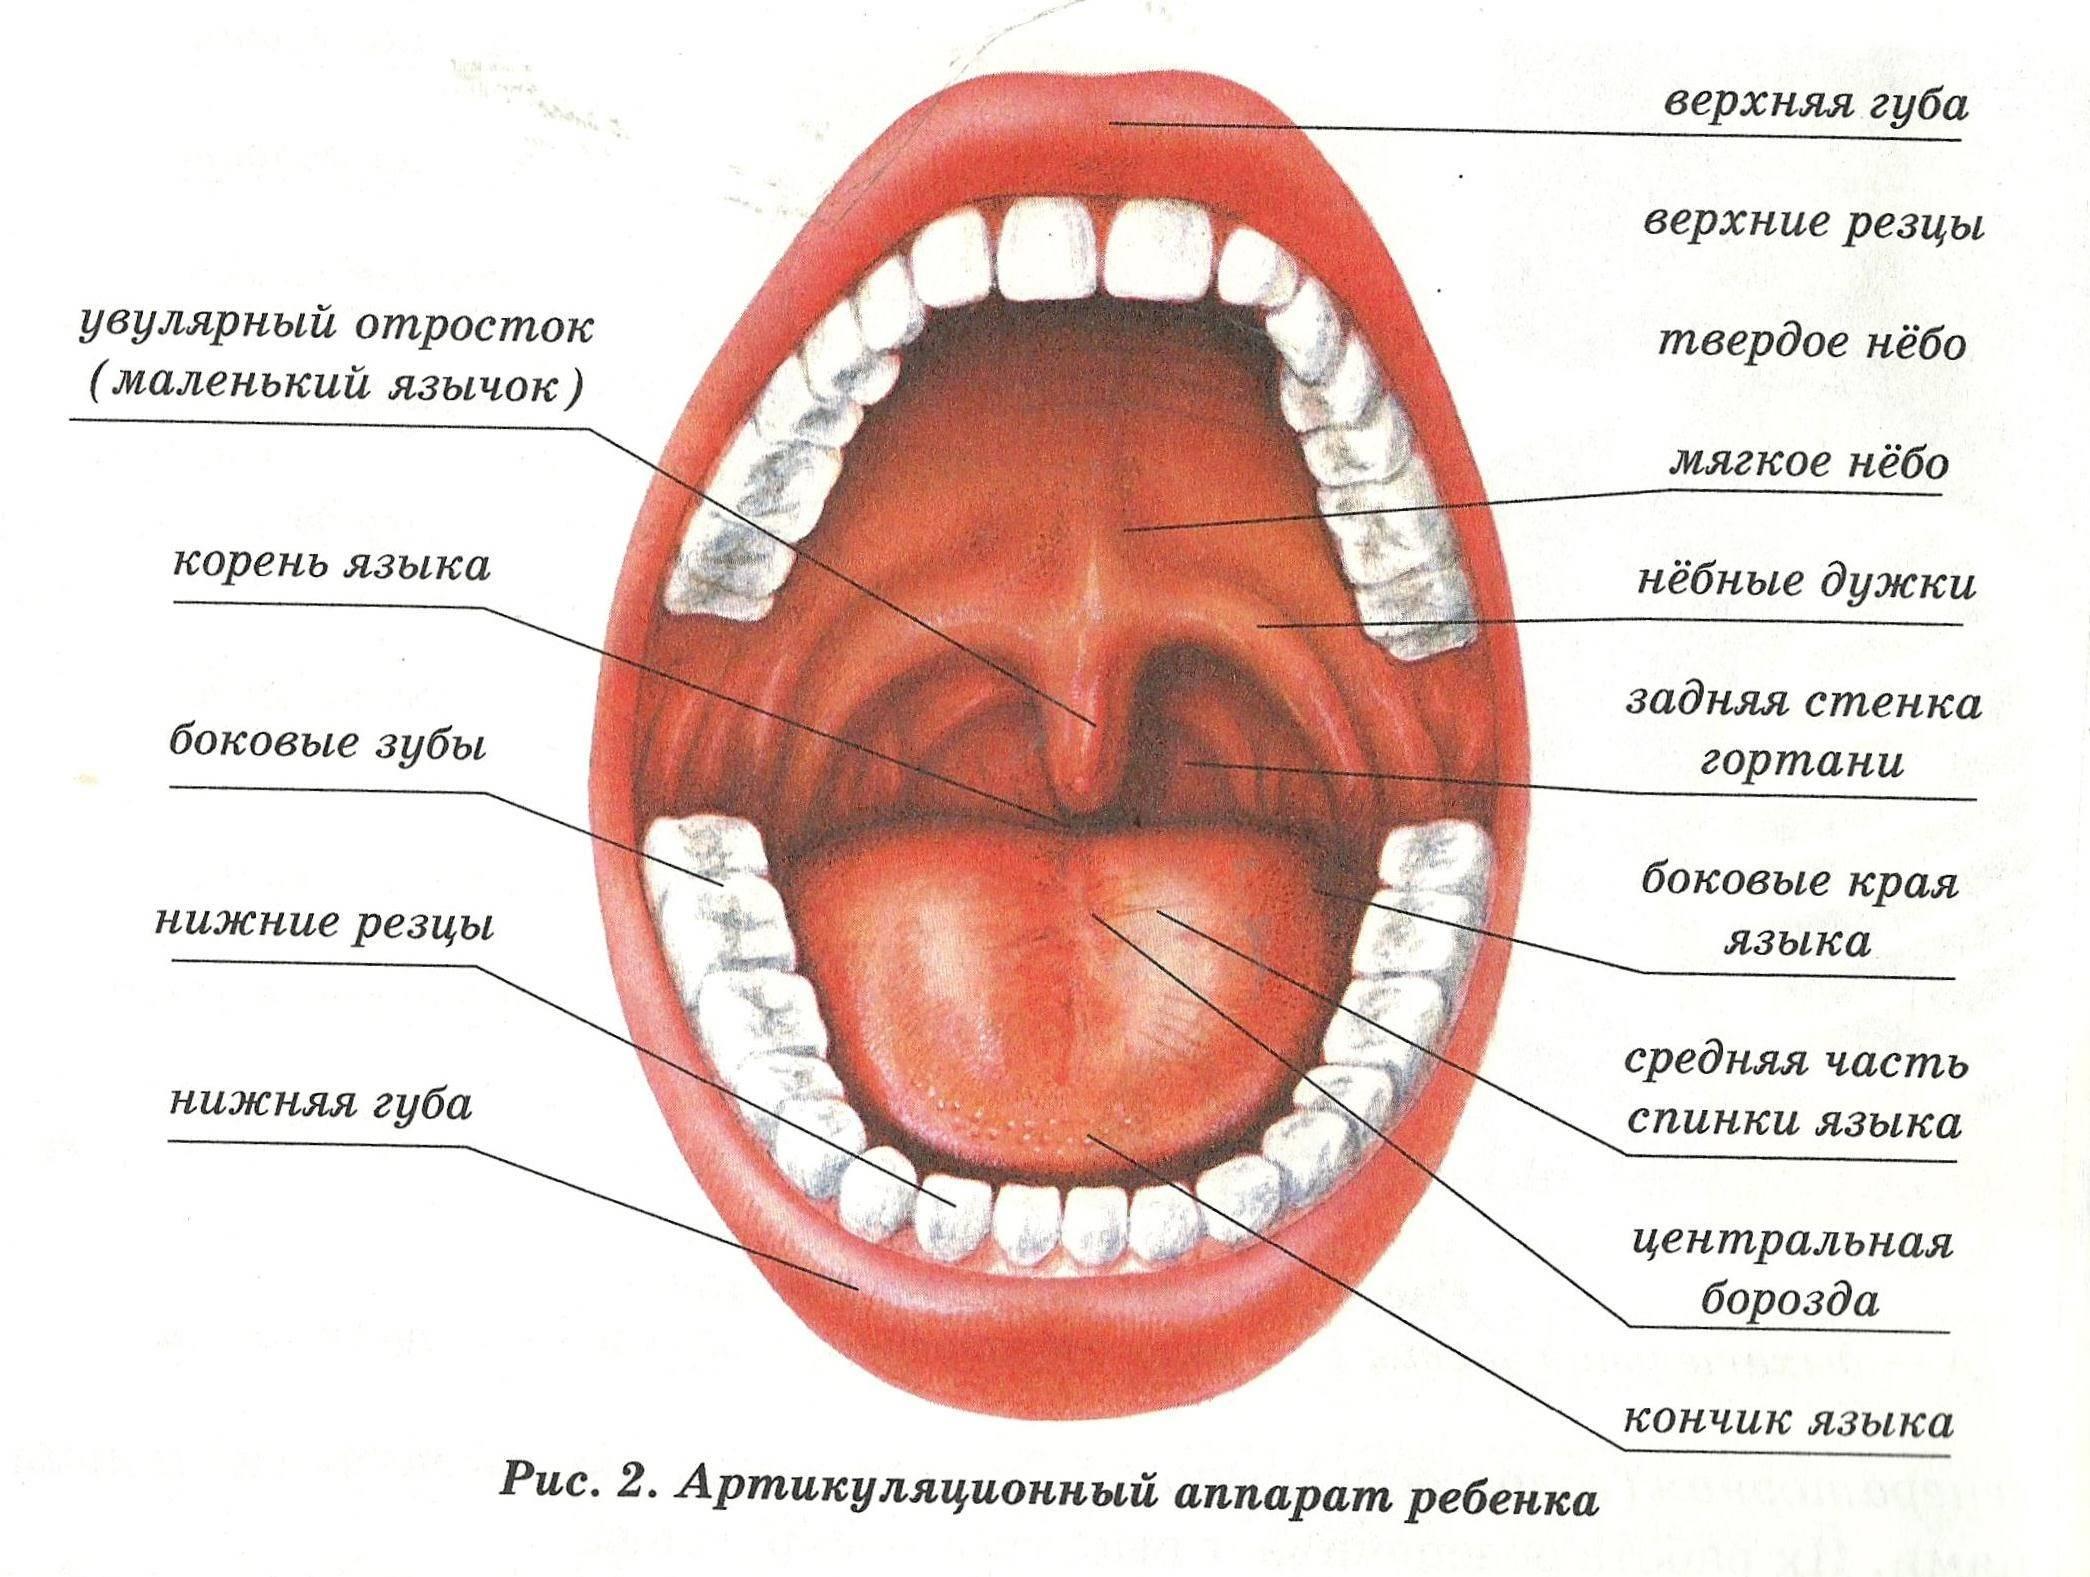 Альвеолярный остит: когда удалили зуб небрежно